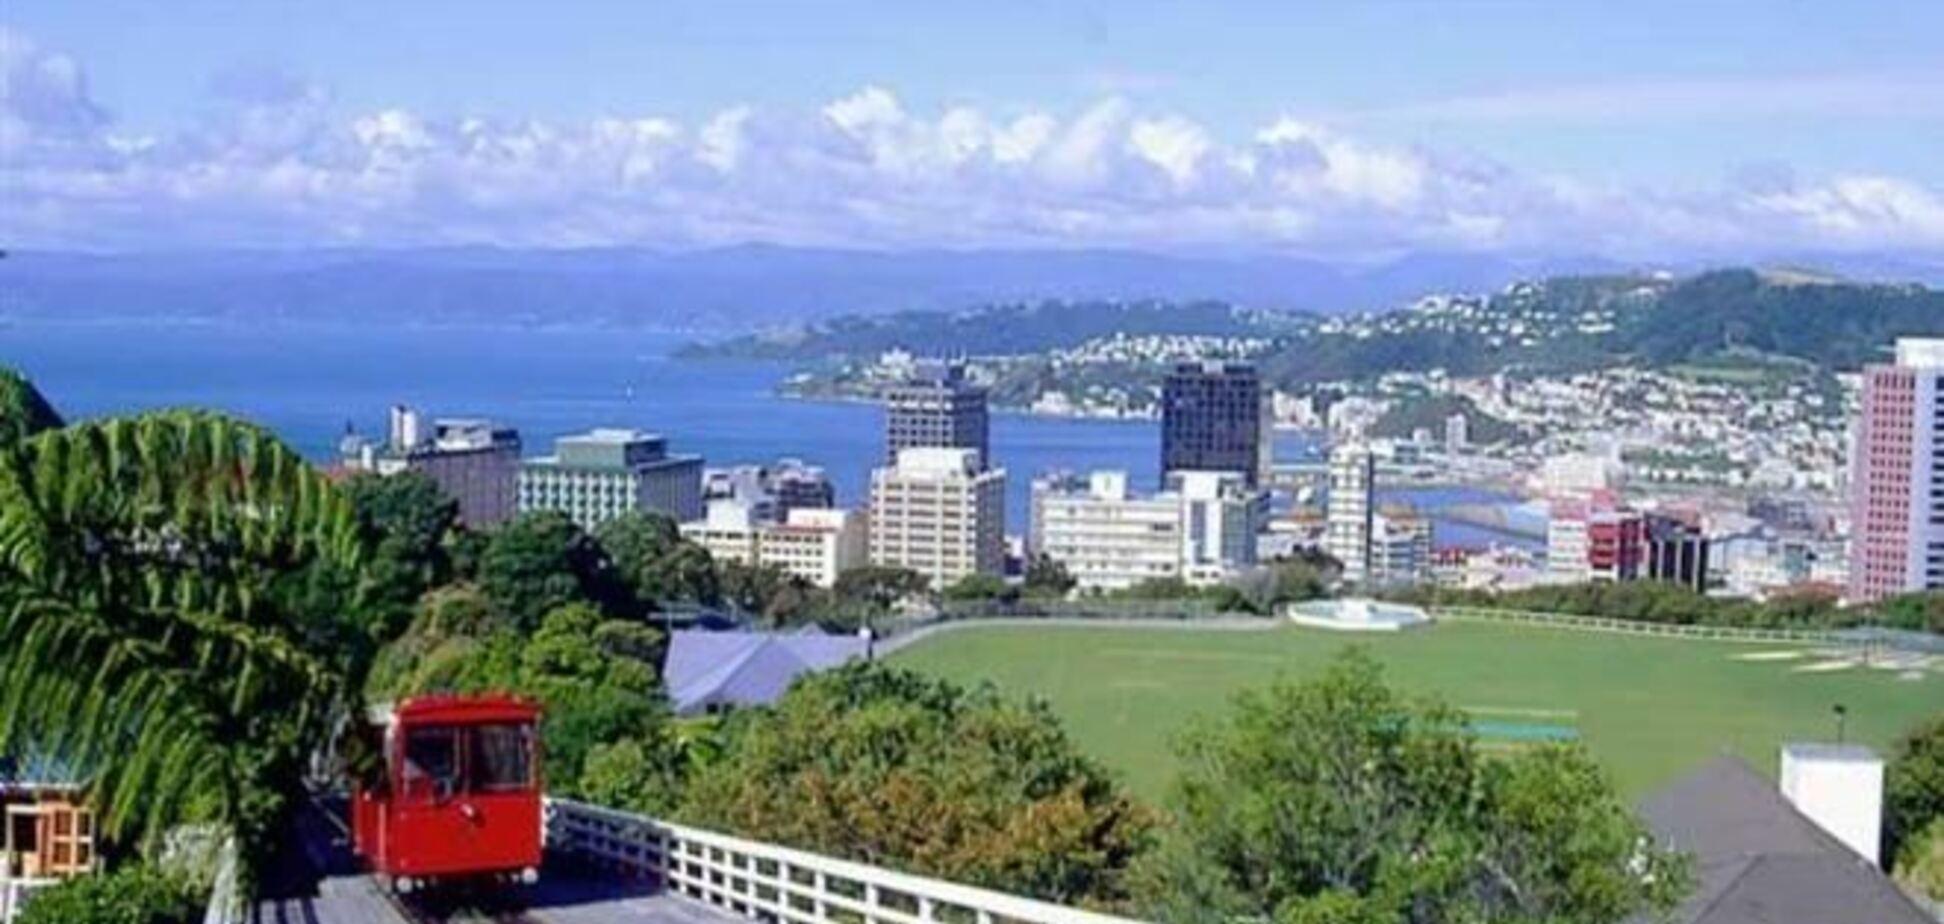 Цены на недвижимость в Новой Зеландии бьют рекорды